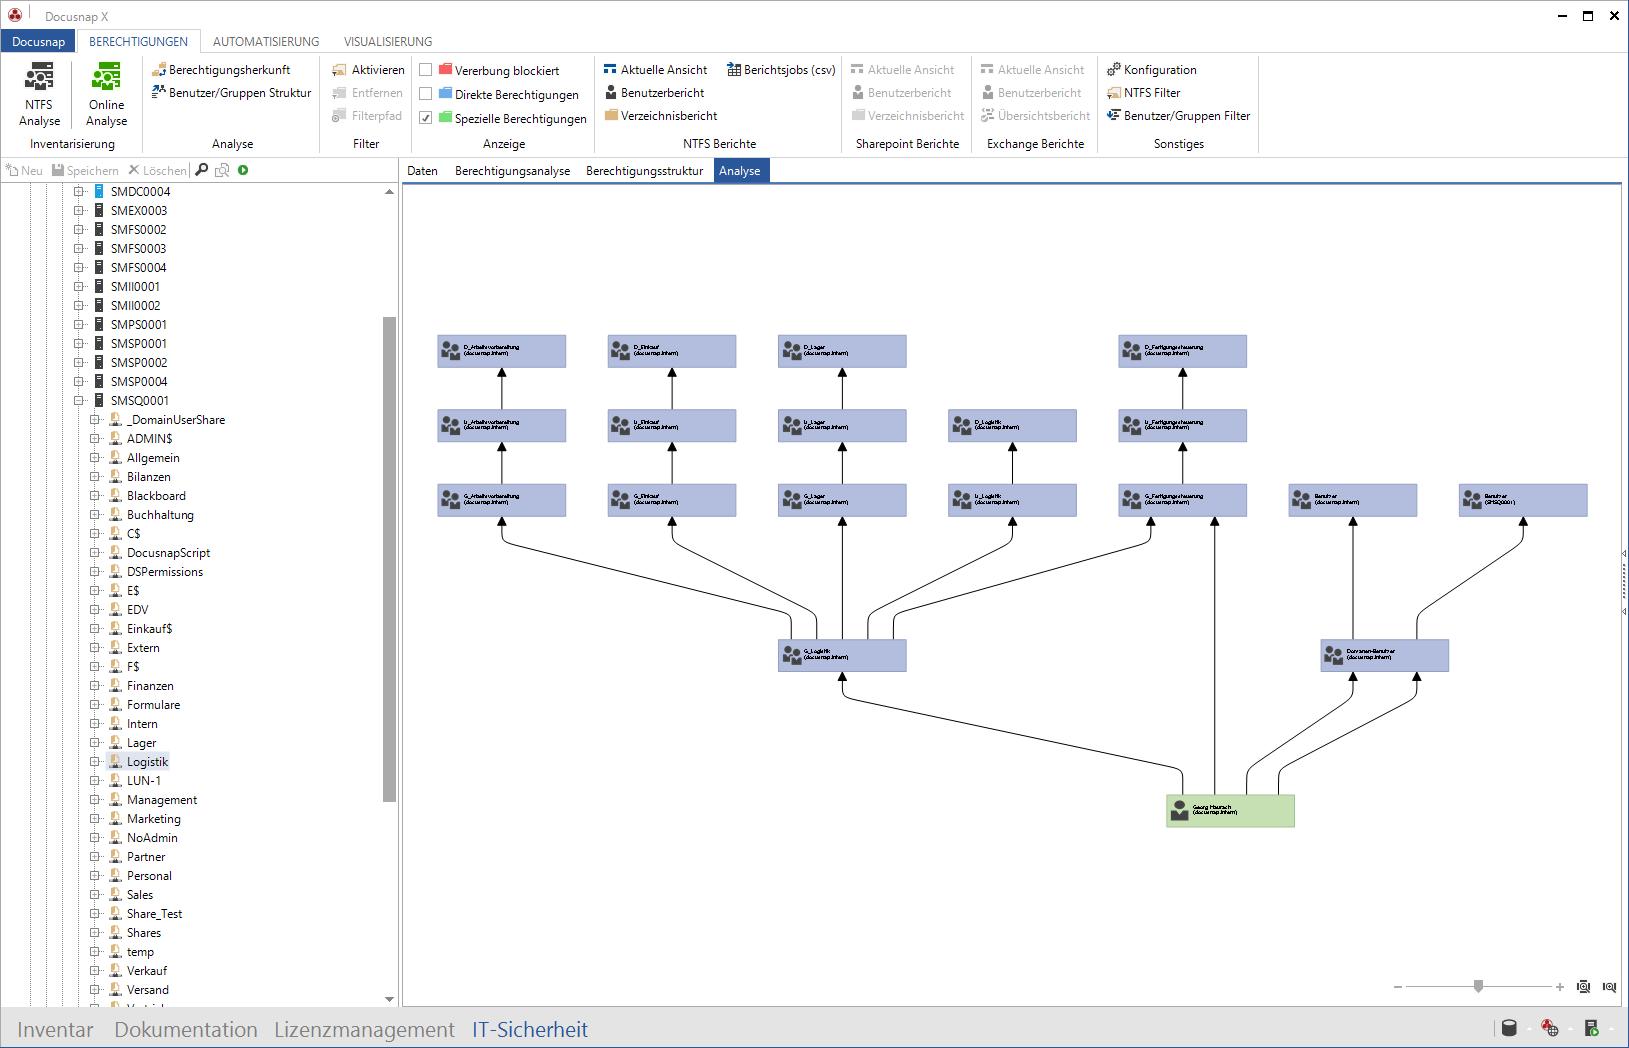 Berechtigungsanalyse und Darstellung der Gruppenzugehörigkeiten im Active Directory